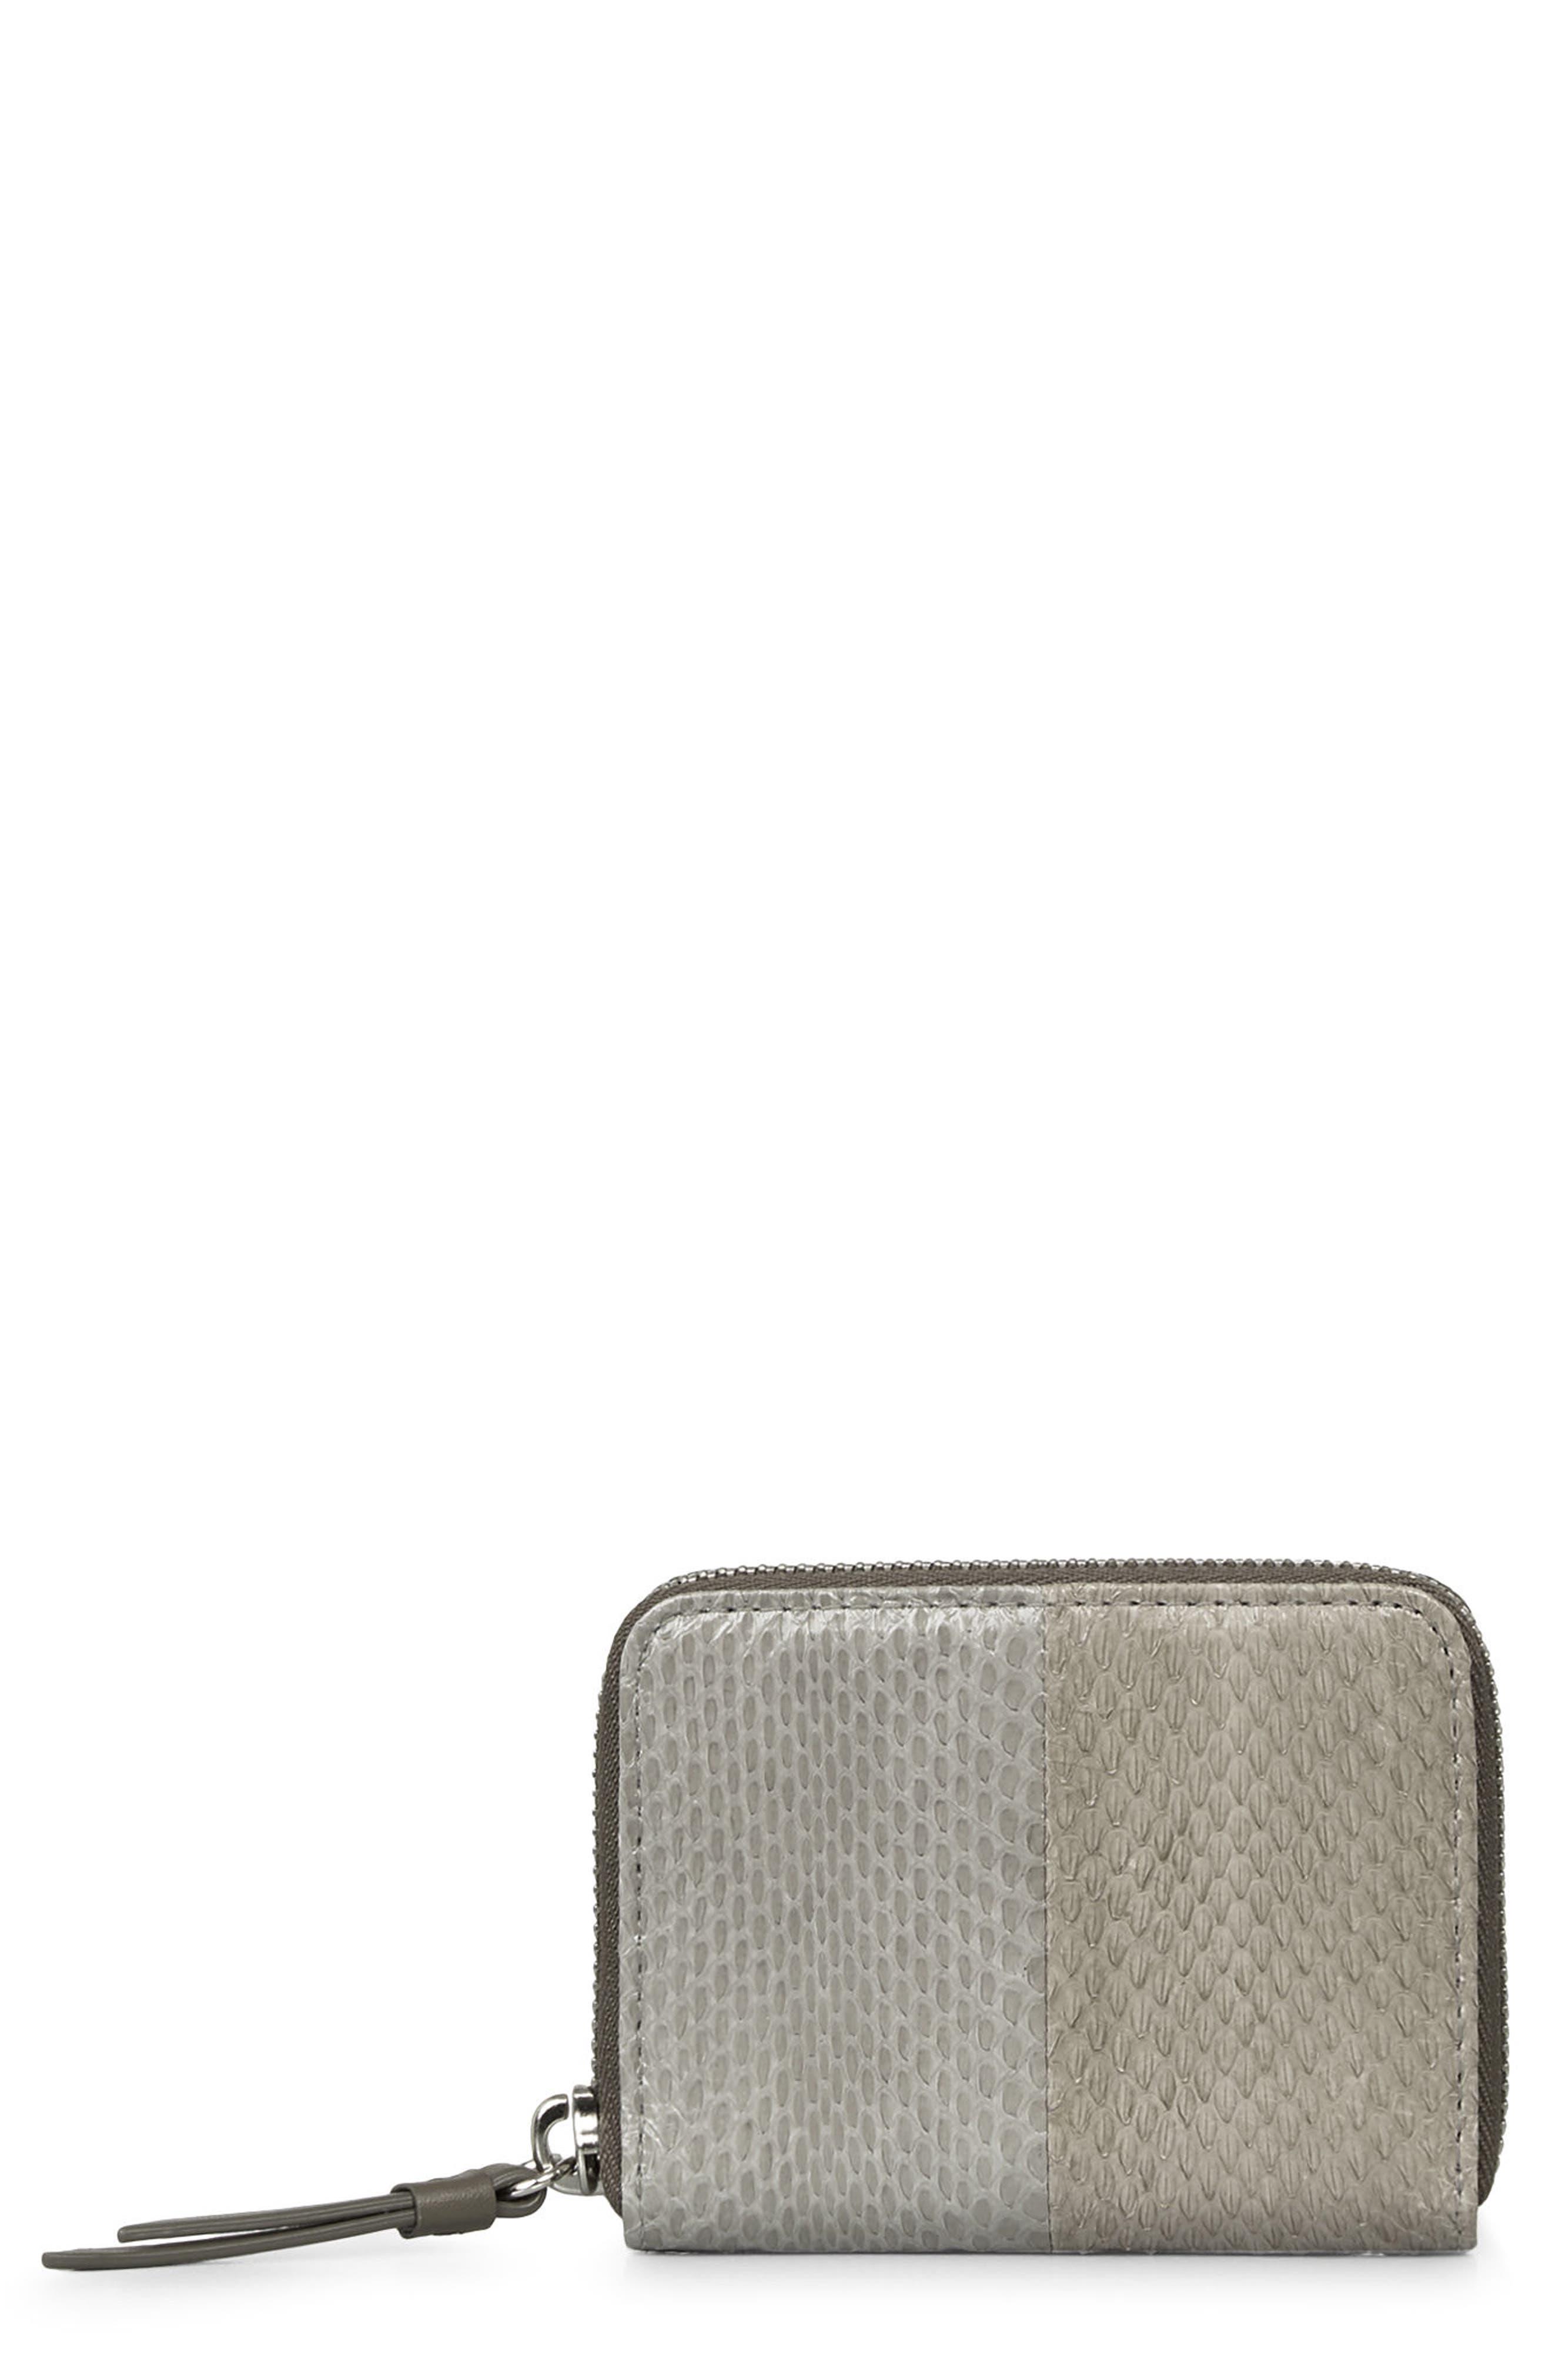 Alternate Image 1 Selected - ALLSAINTS Ikuya Leather & Genuine Snakeskin Wallet